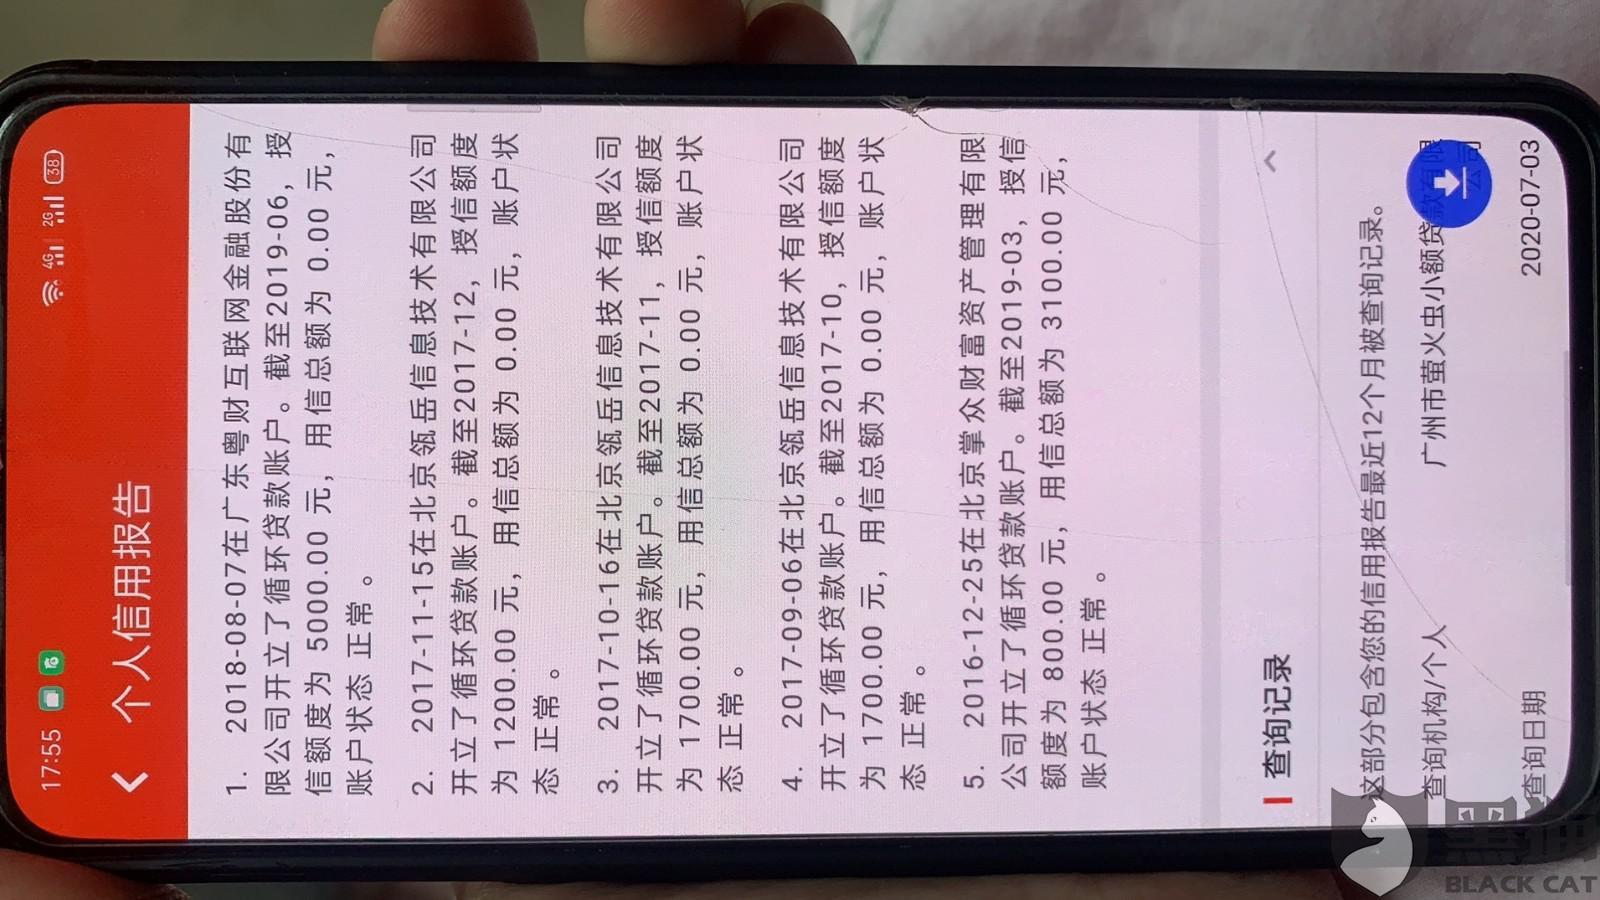 黑猫投诉:百行征信显示北京掌众财富资产管理有限公司有3100元未结清